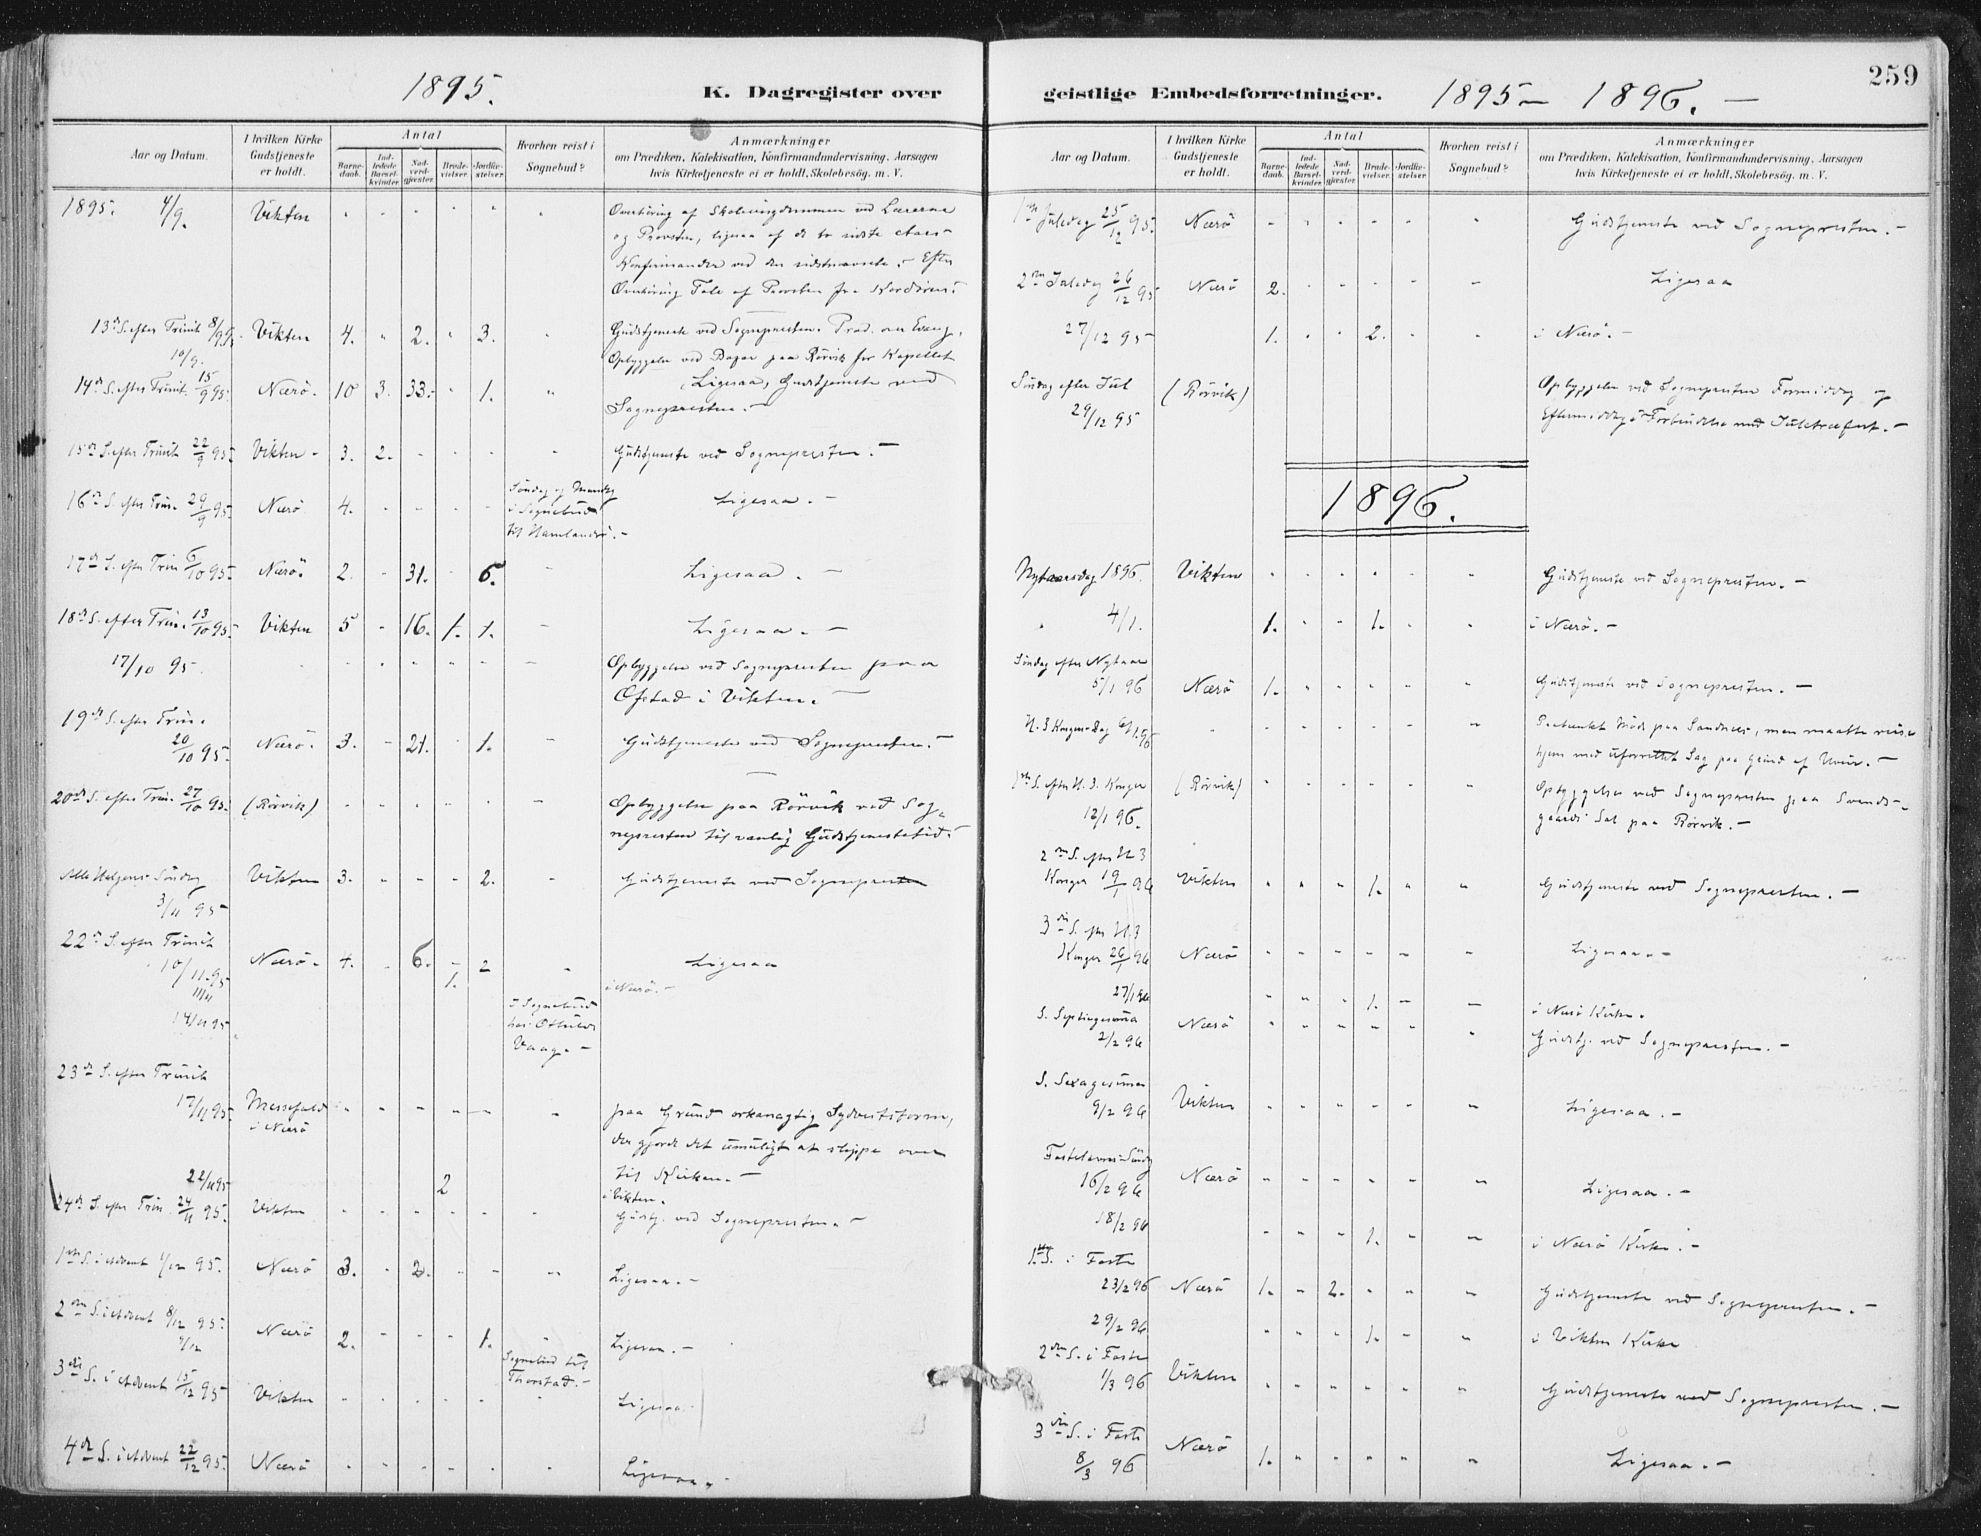 SAT, Ministerialprotokoller, klokkerbøker og fødselsregistre - Nord-Trøndelag, 784/L0673: Ministerialbok nr. 784A08, 1888-1899, s. 259